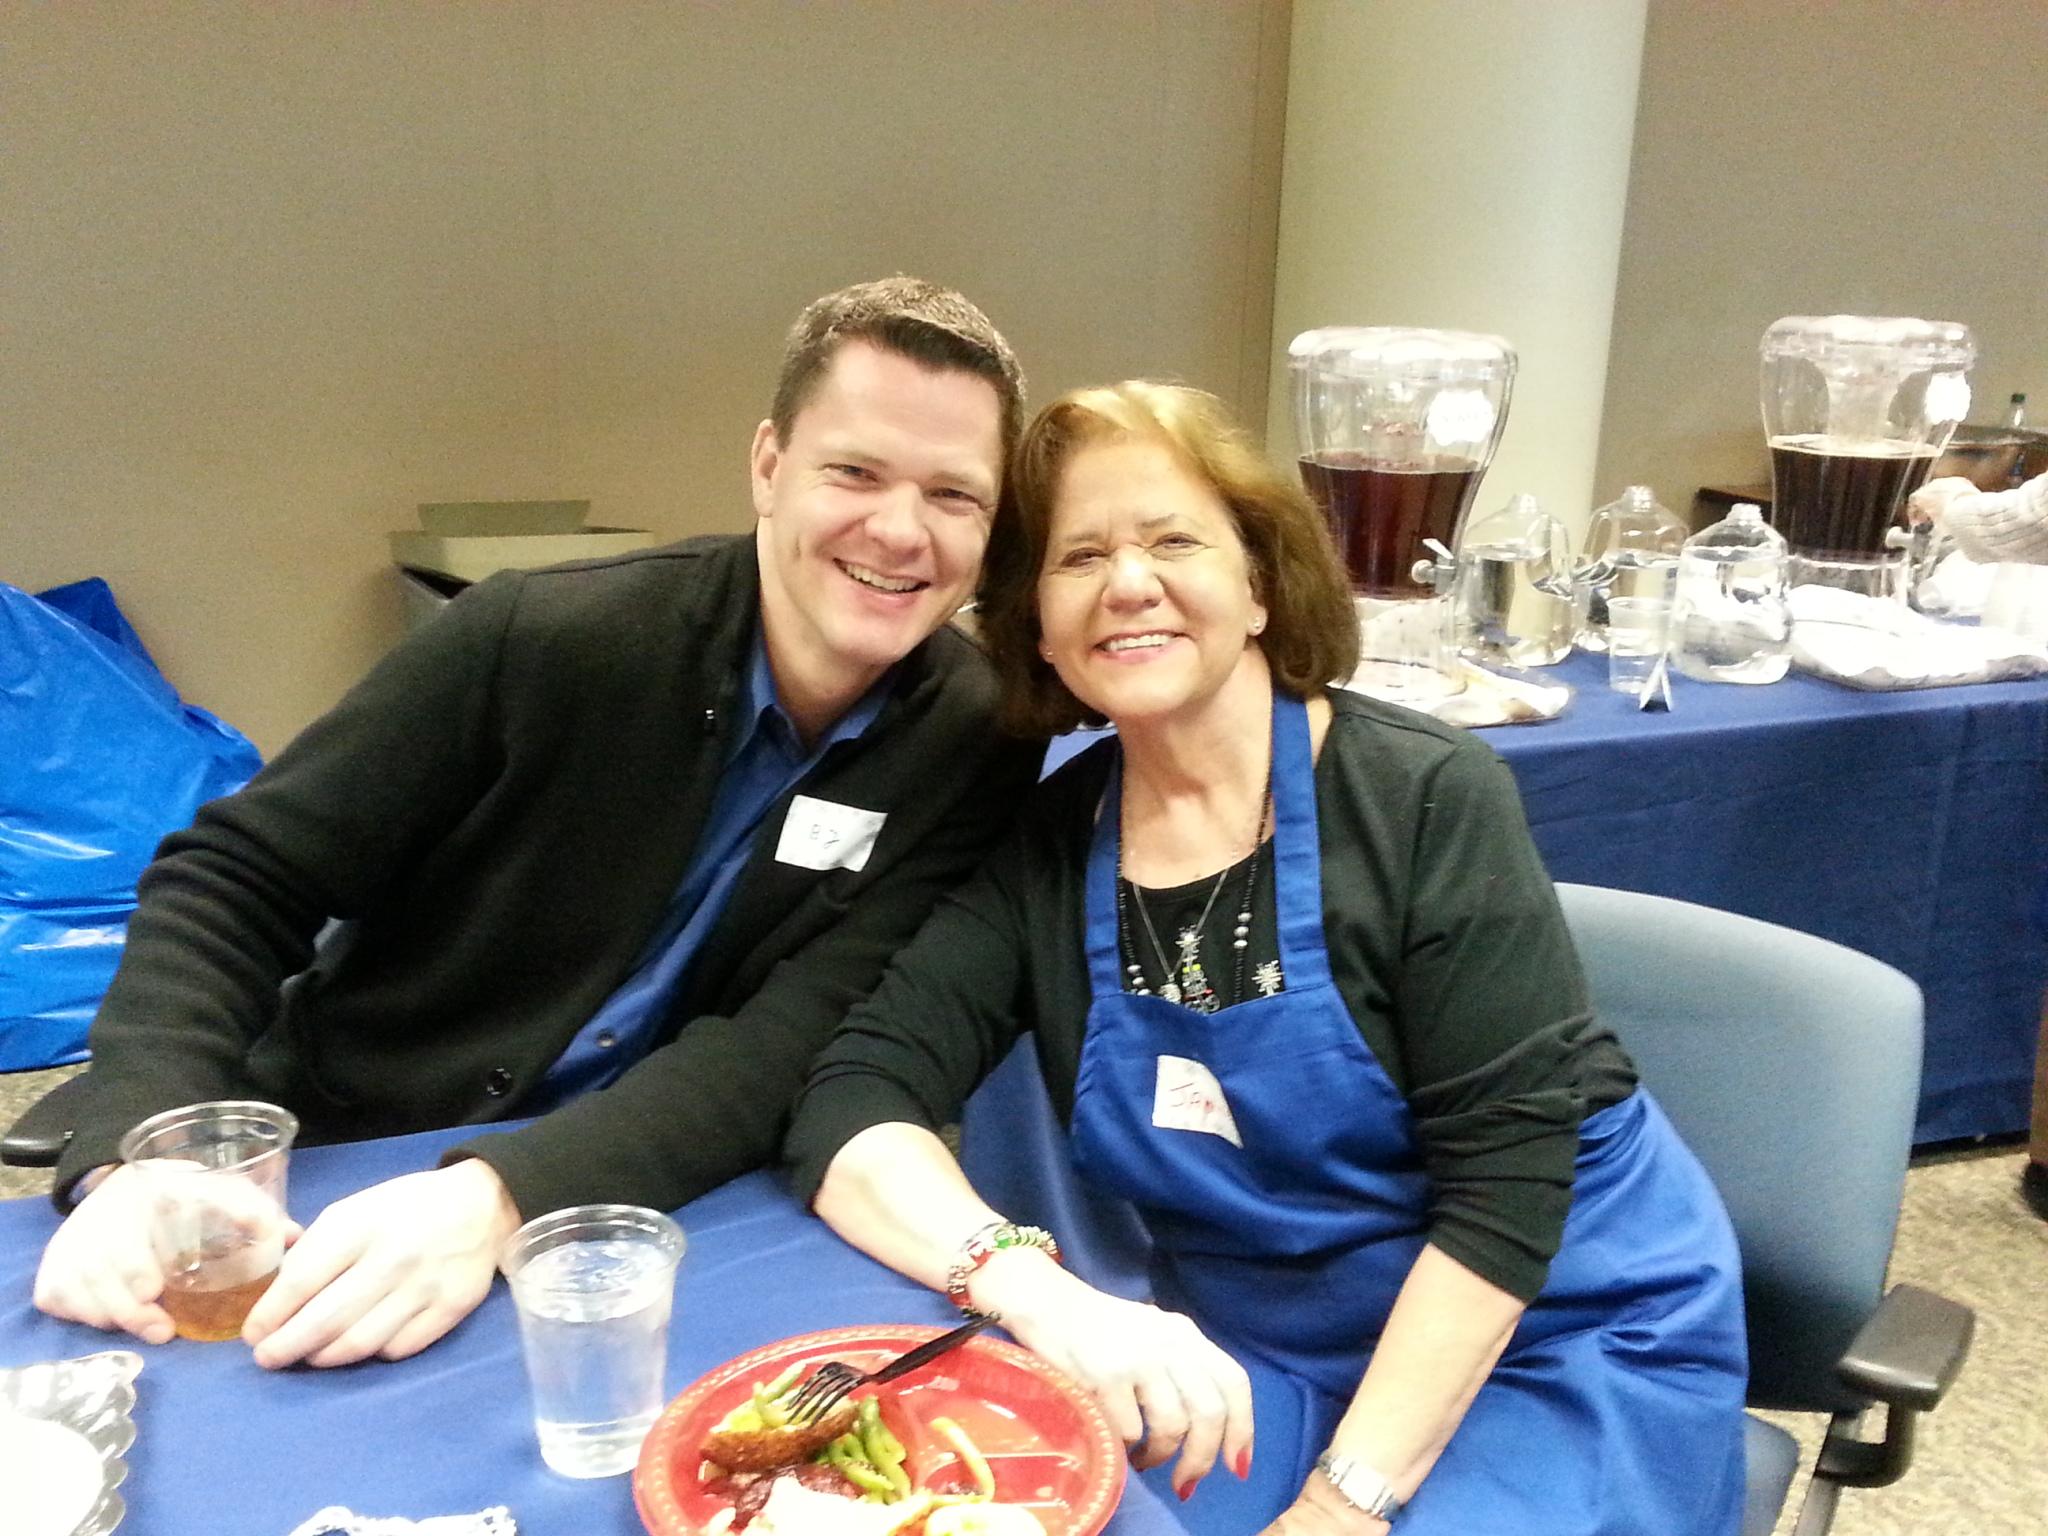 Bjoern & Janice